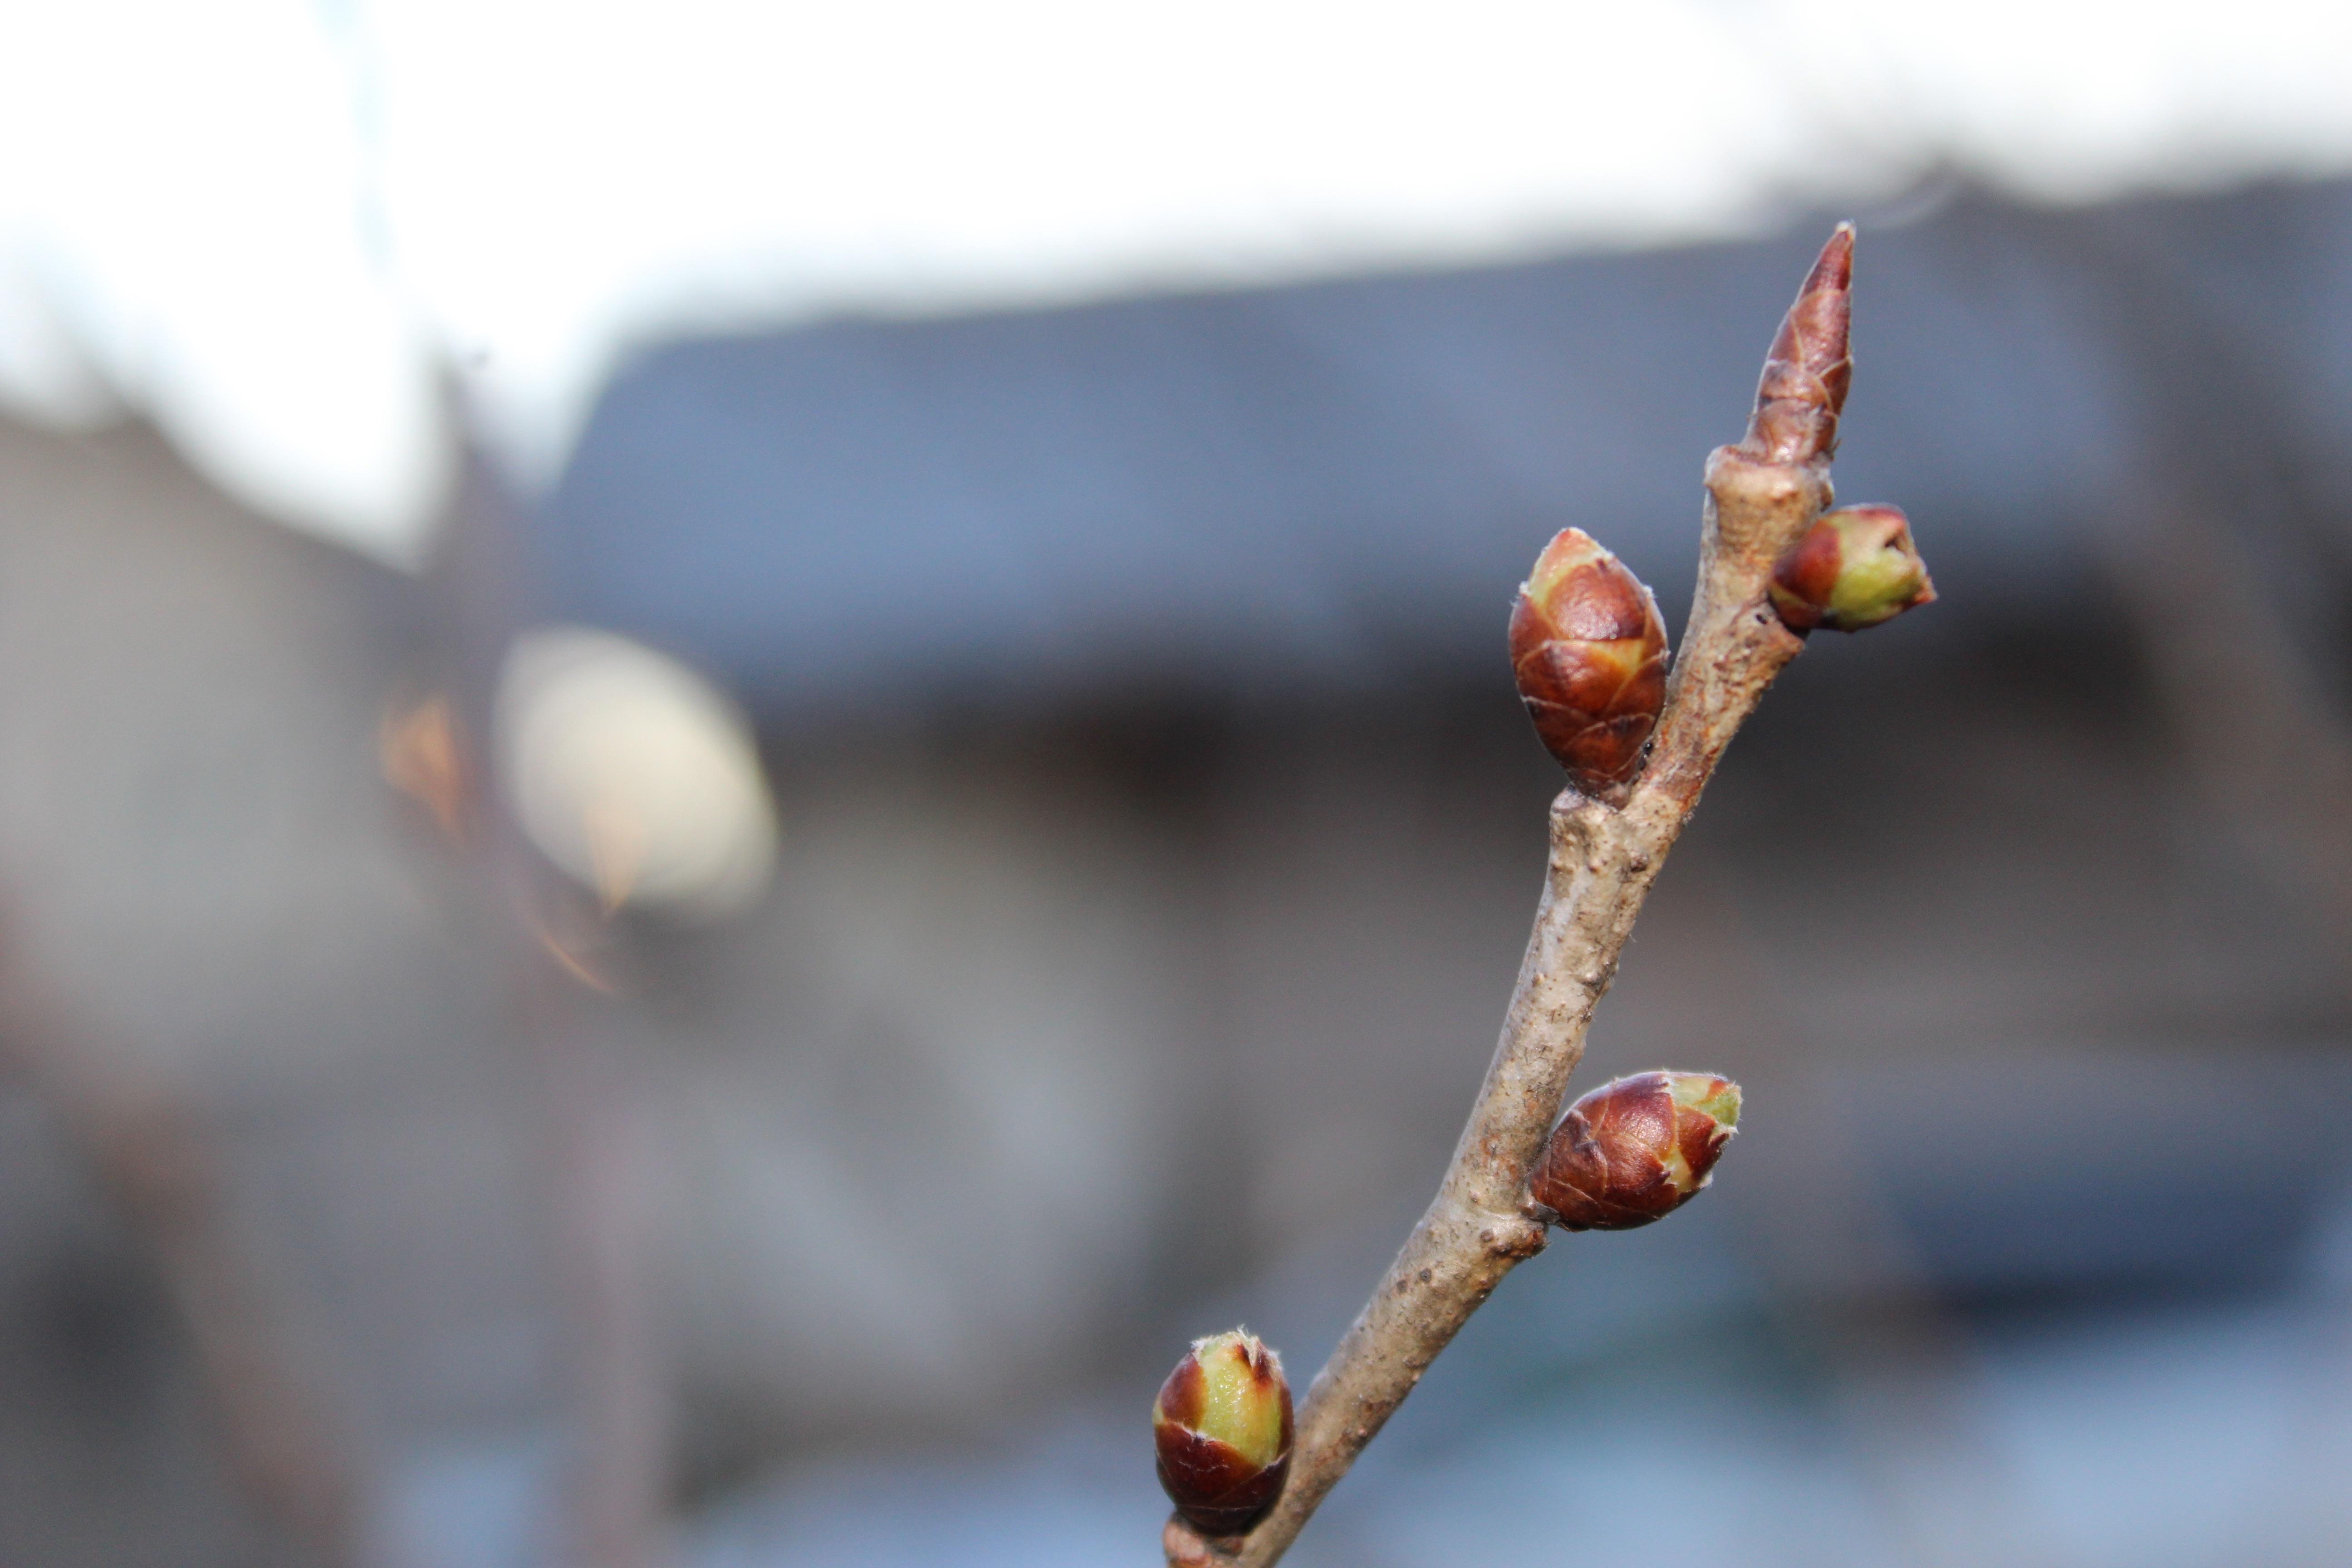 桜桃(さくらんぼ)の蕾も、パンパンにエネルギーが満ちてきました。